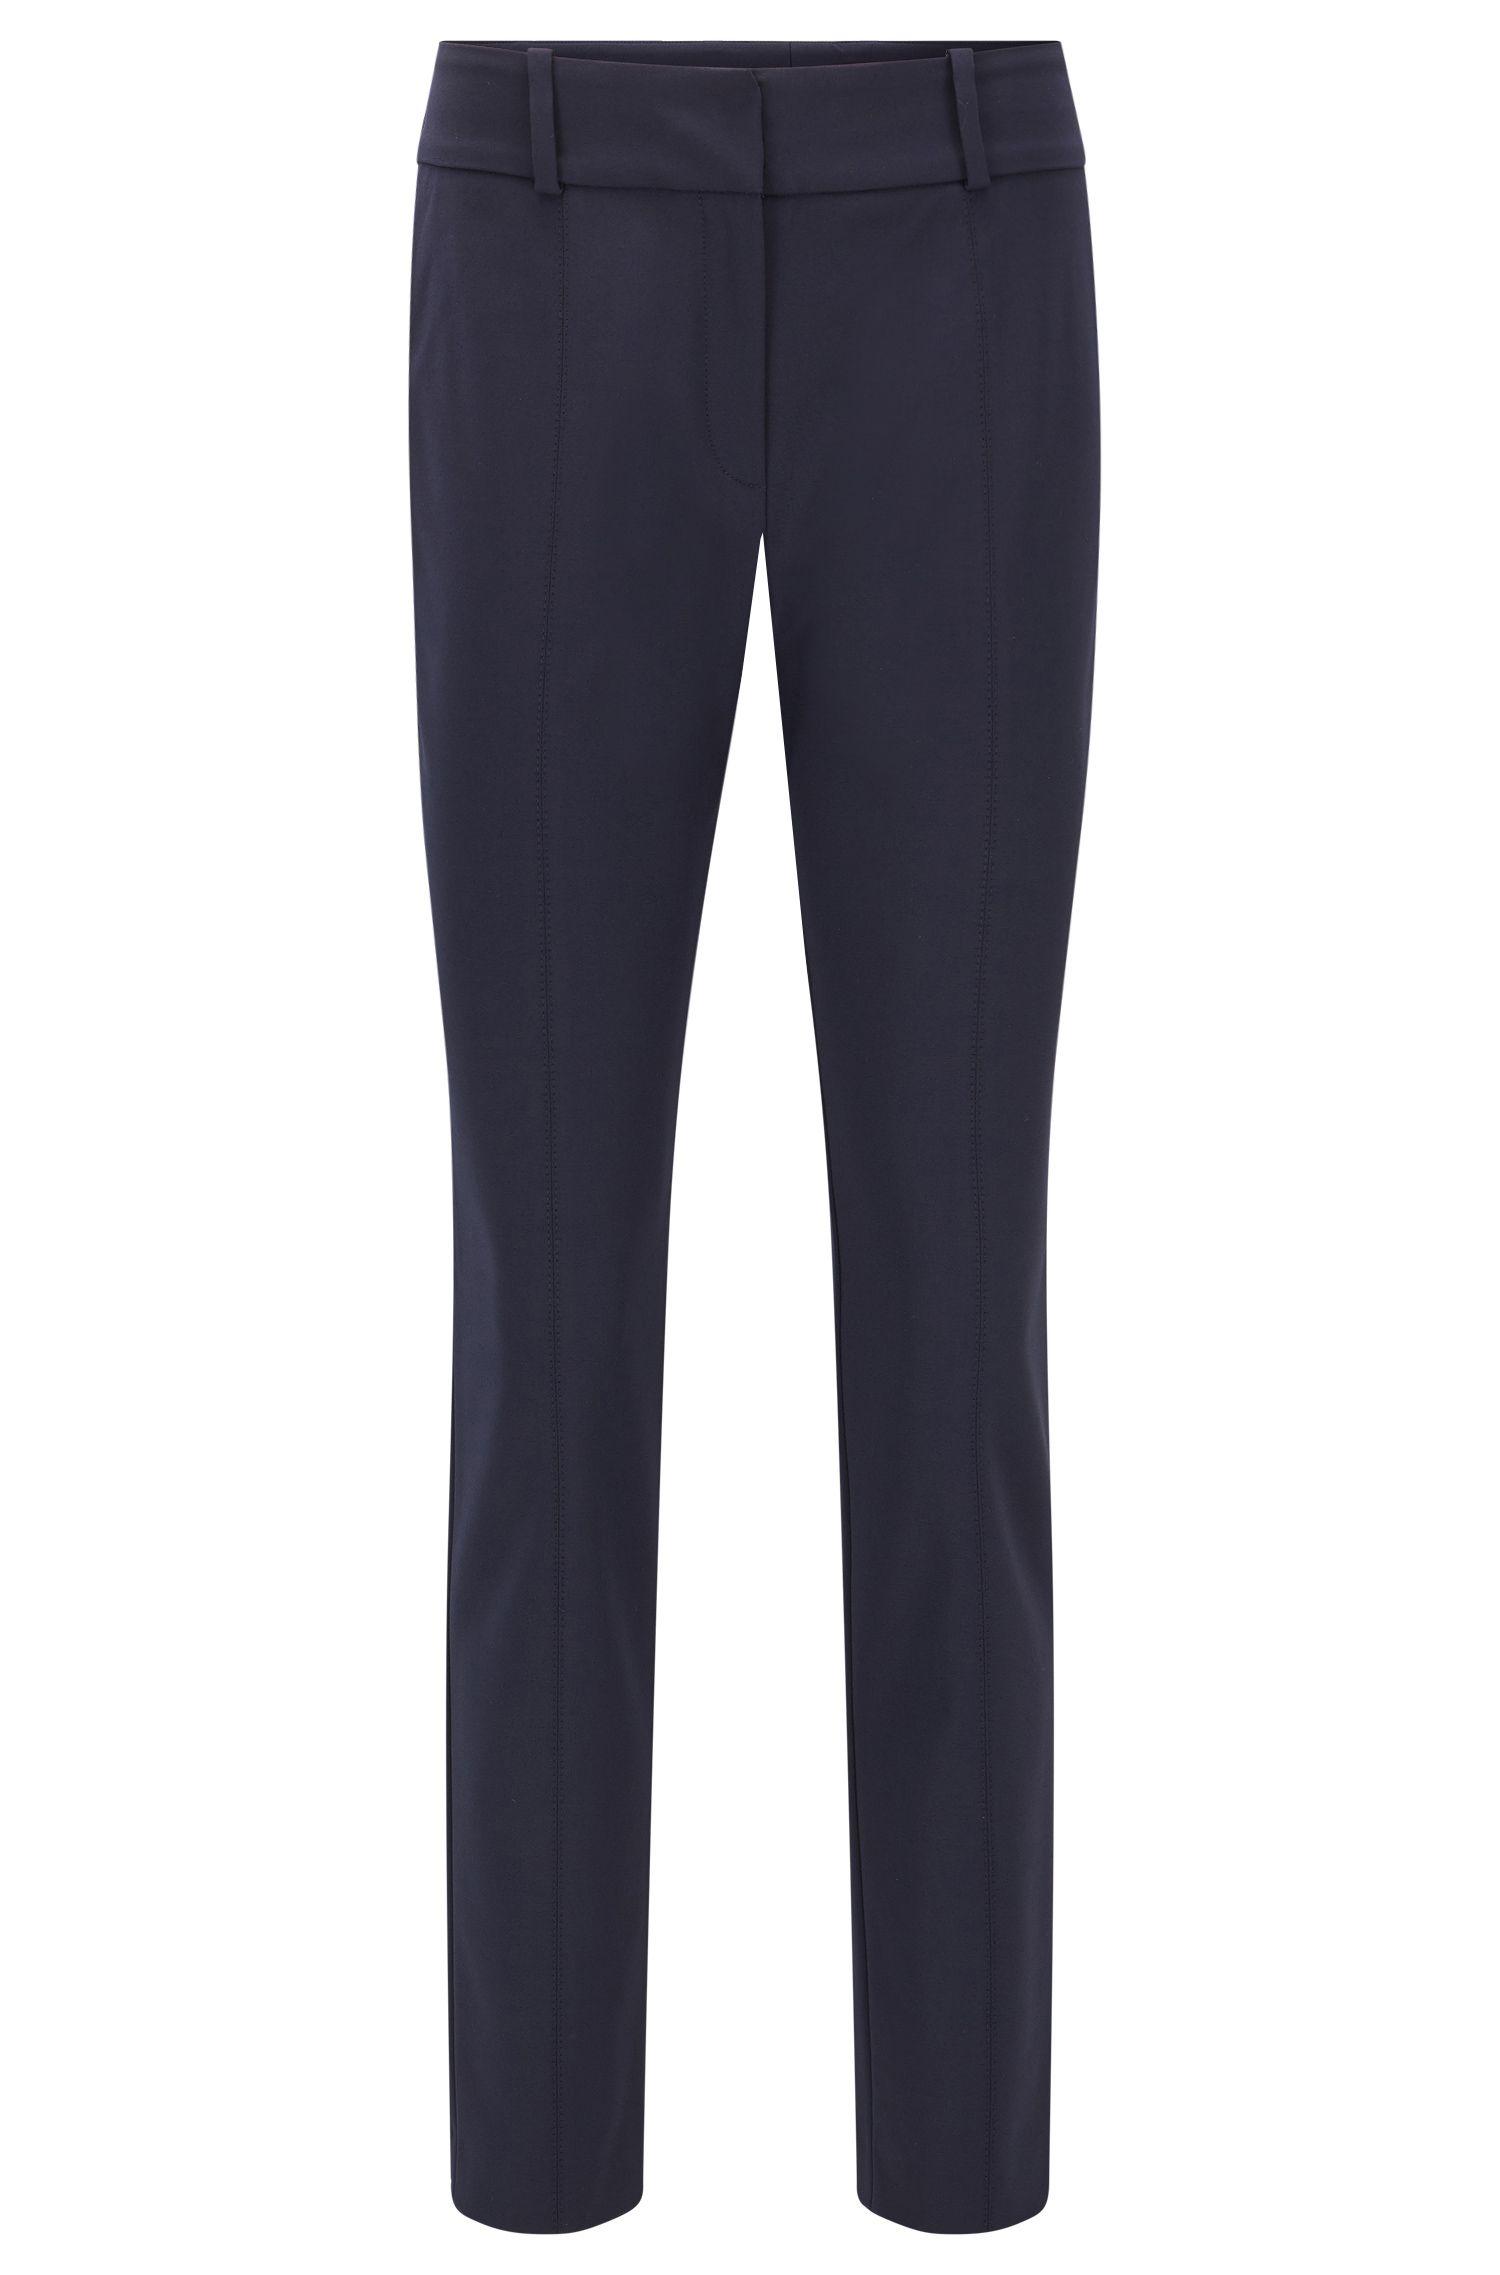 Pantalón slim fit en mezcla de algodón que no se arruga